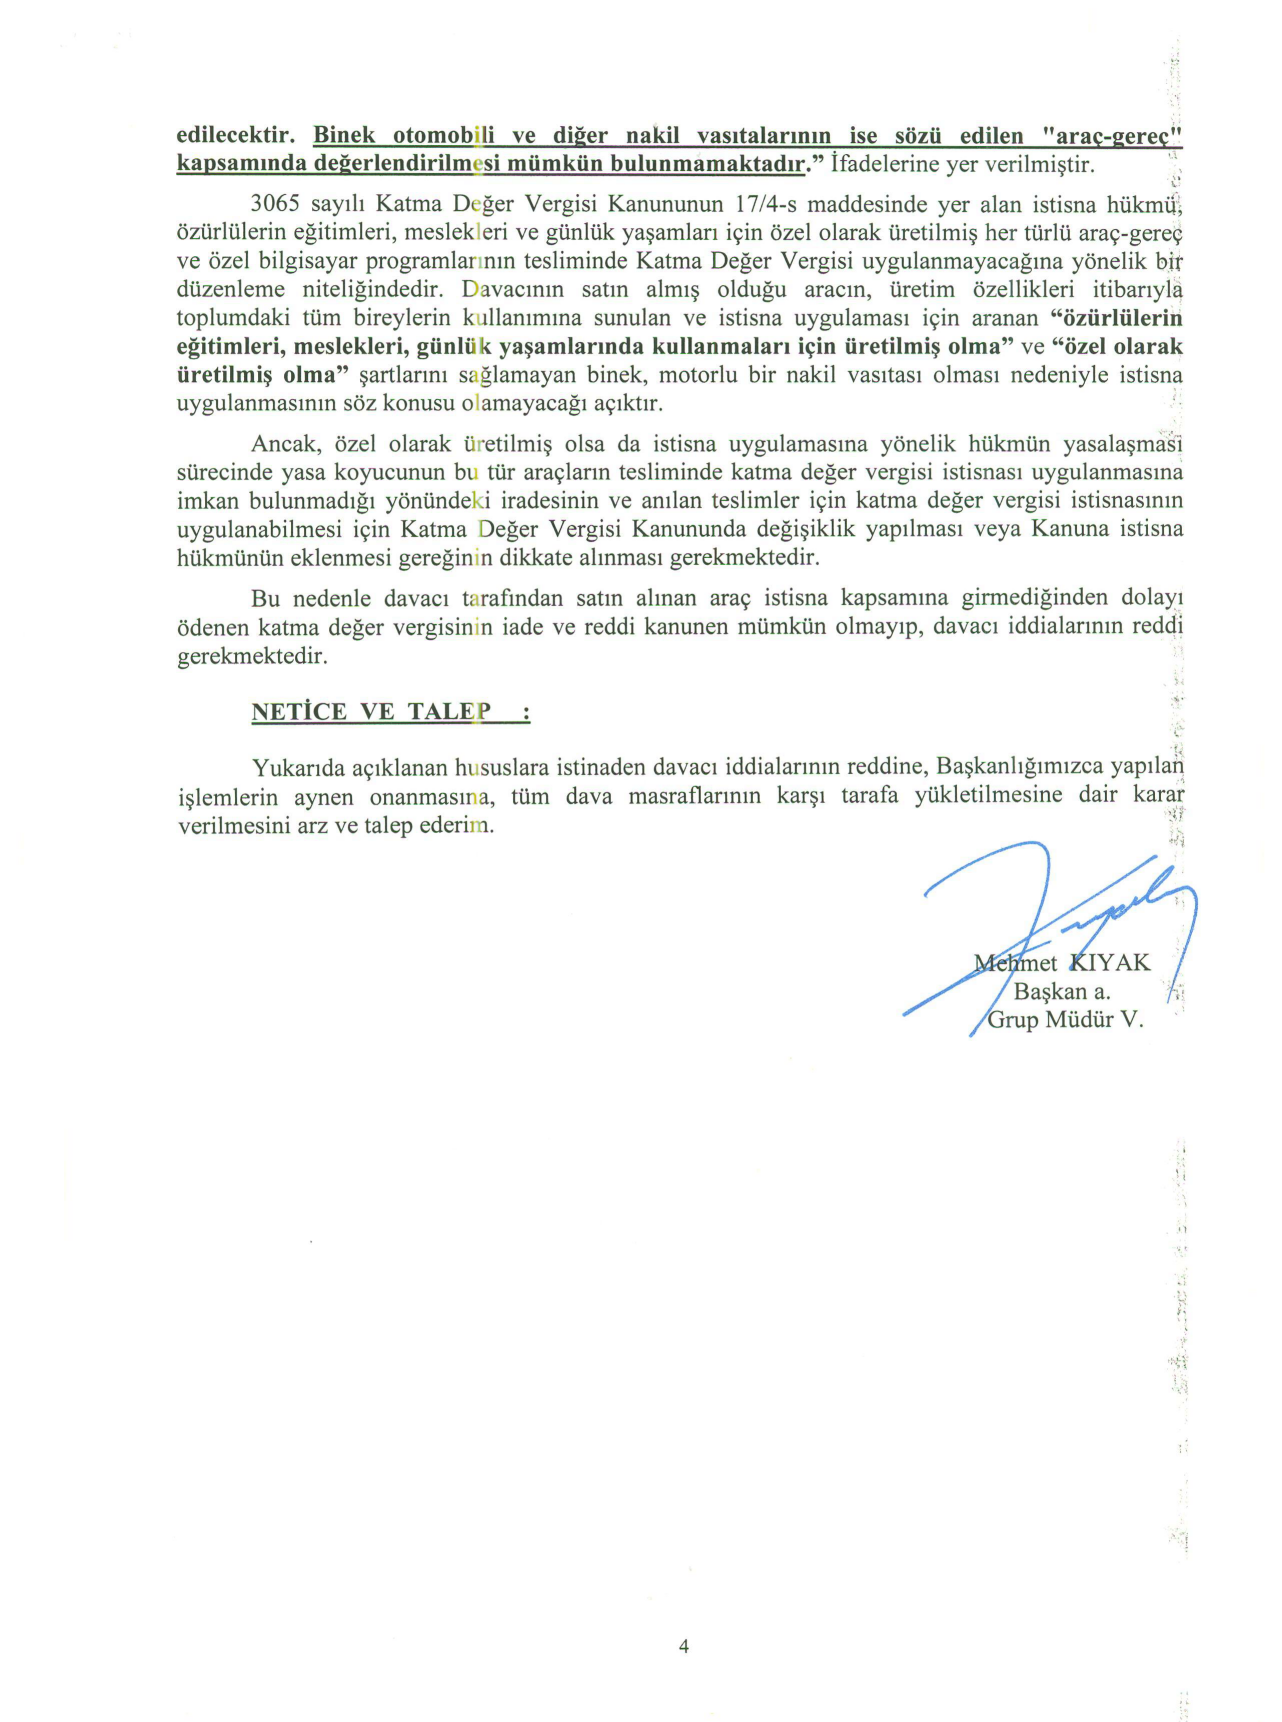 Istanbul BMVD savunma4 - Sakat statüsünde alınan araç için ödenen KDV'nin geri alınması işlemleri ve süreç